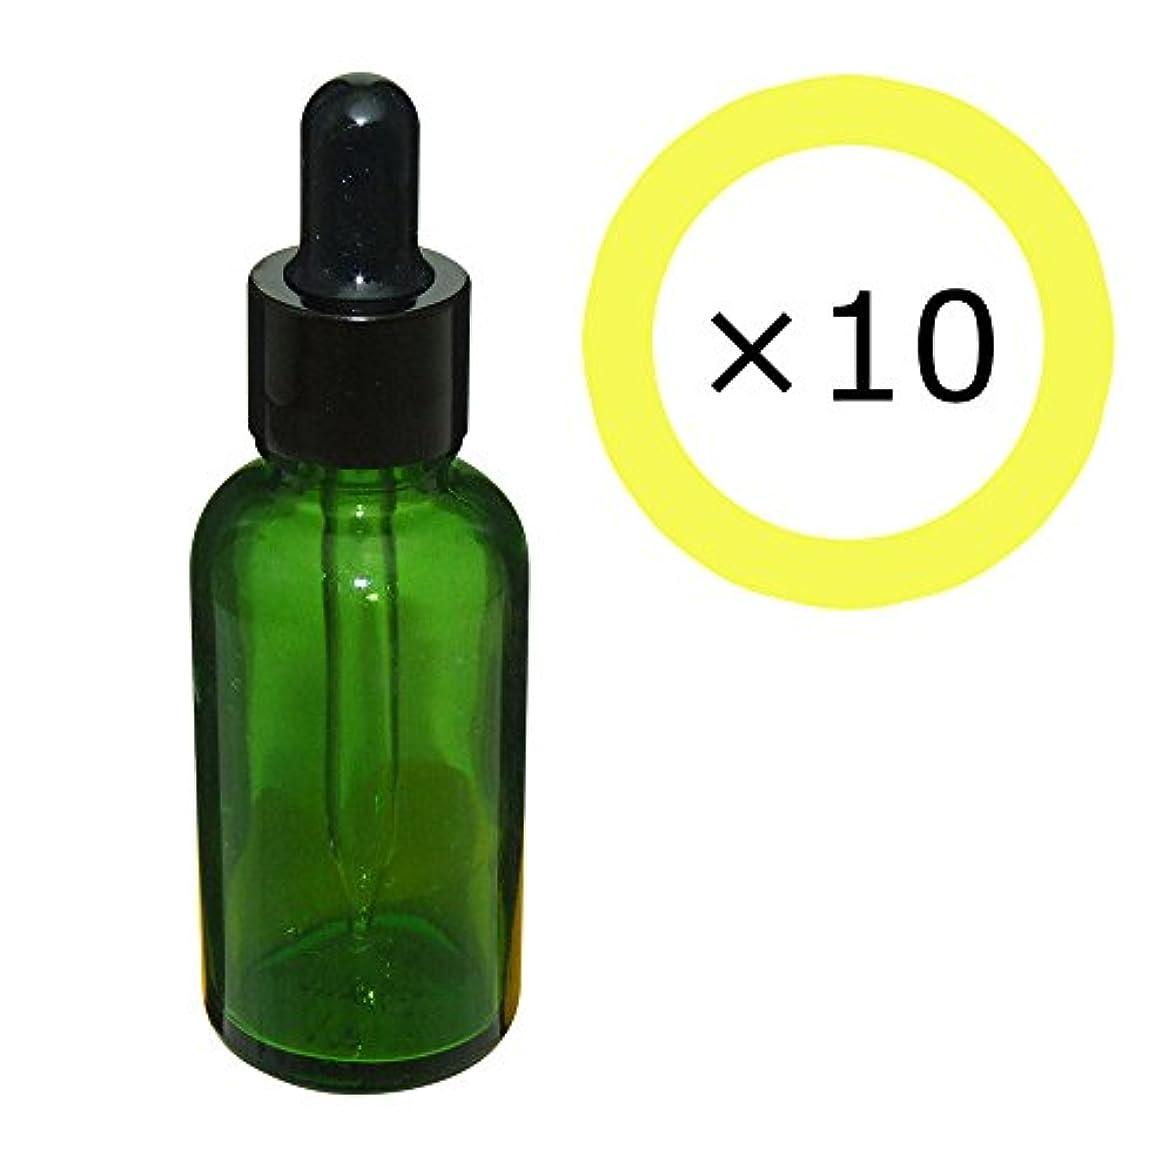 犯す以内に疲れたガレージ?ゼロ 遮光ガラス スポイド瓶 先細タイプ 緑 30ml×10個/アロマ保存